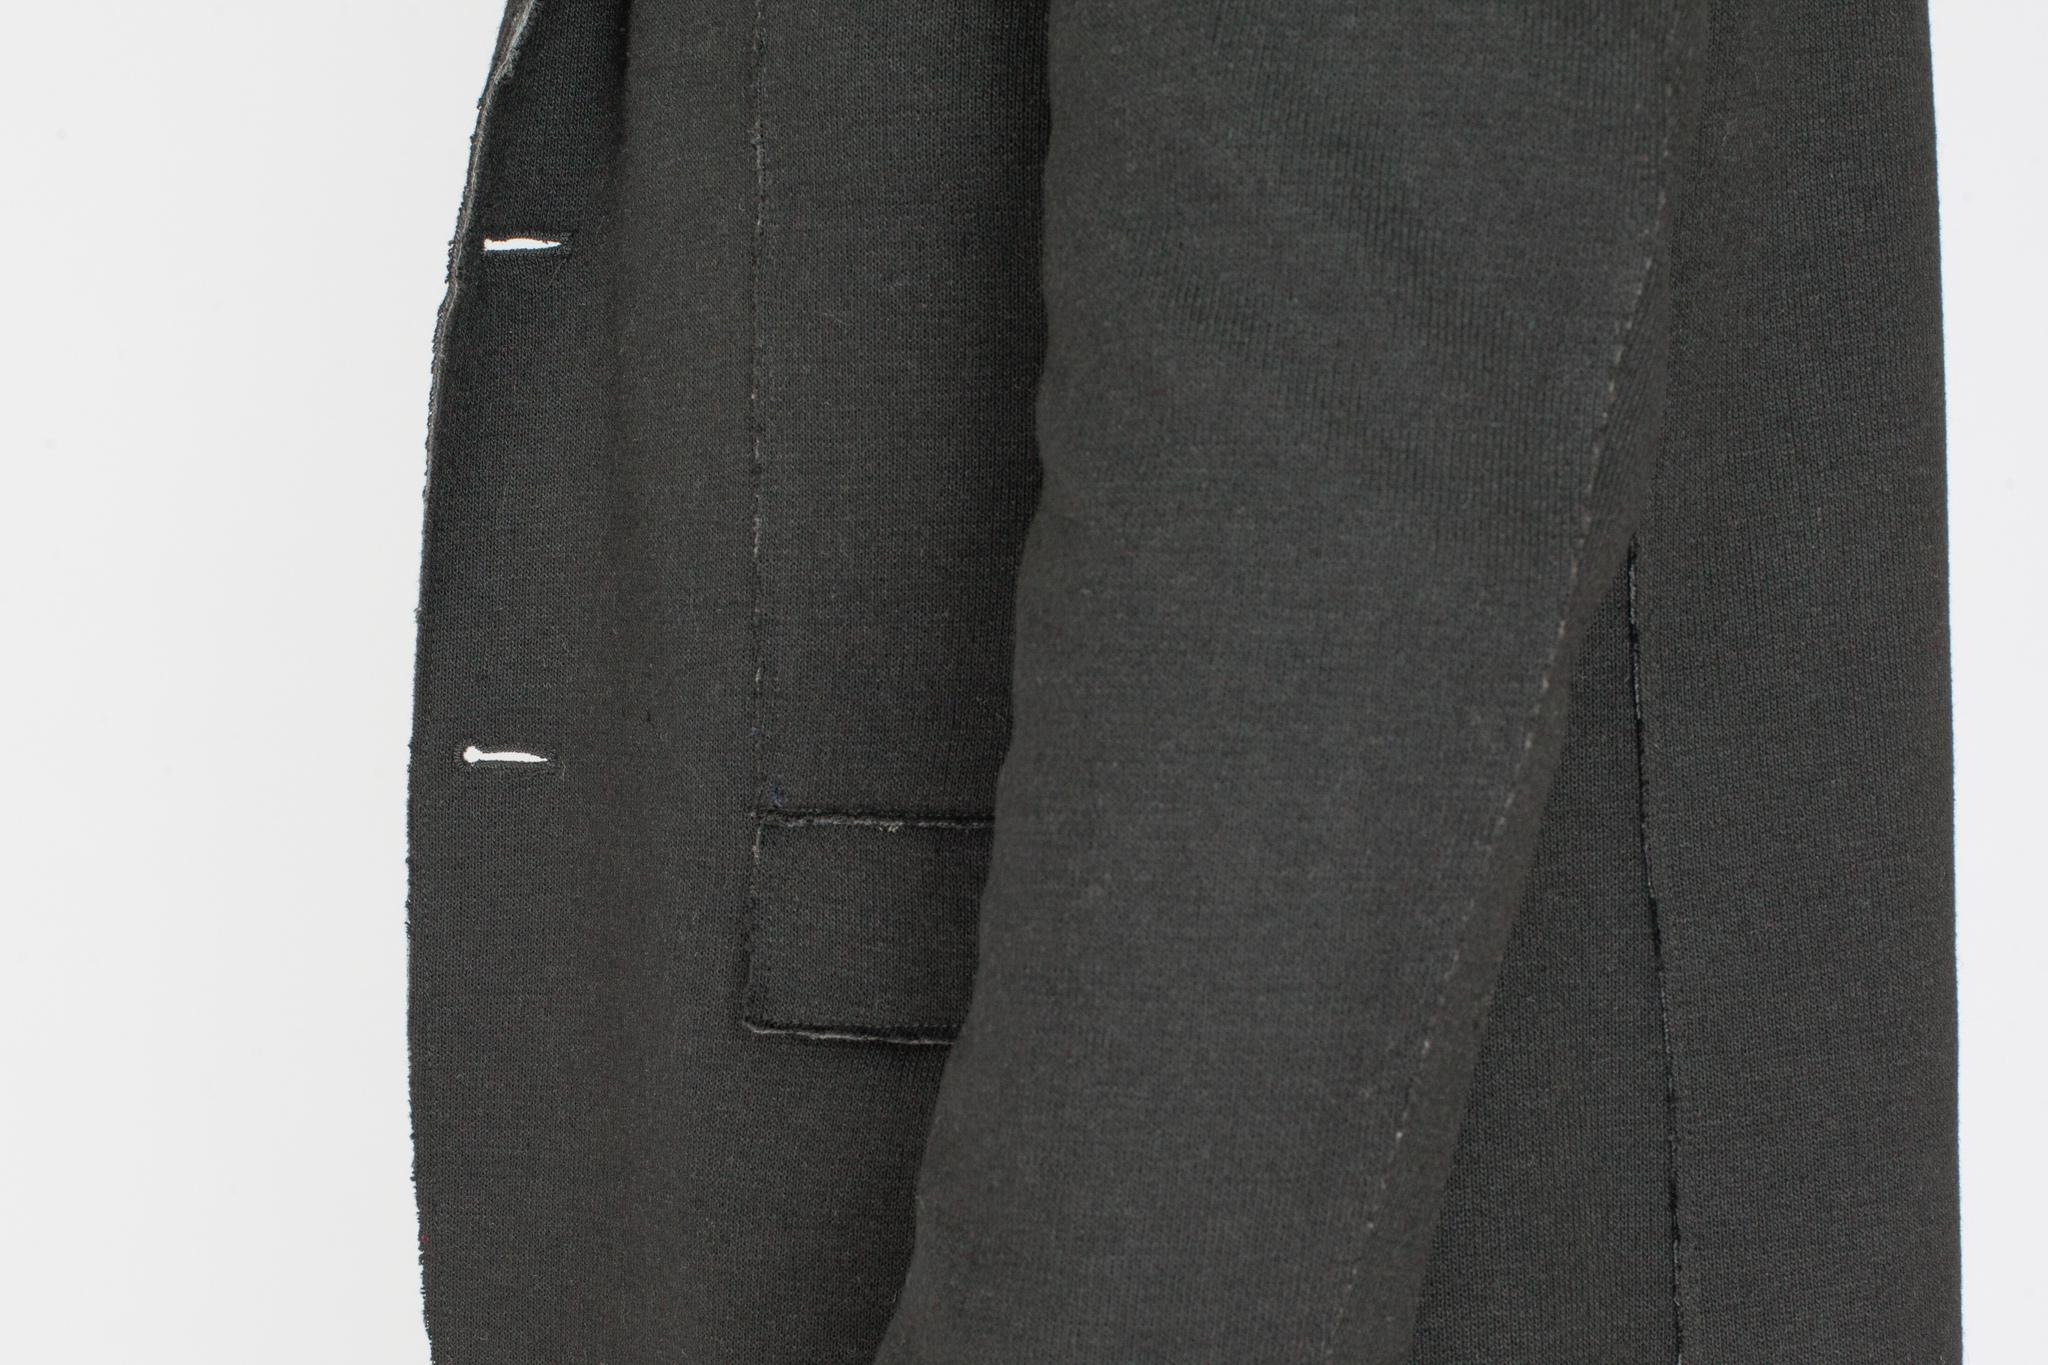 Чёрный трикотажный пиджак, накладной карман